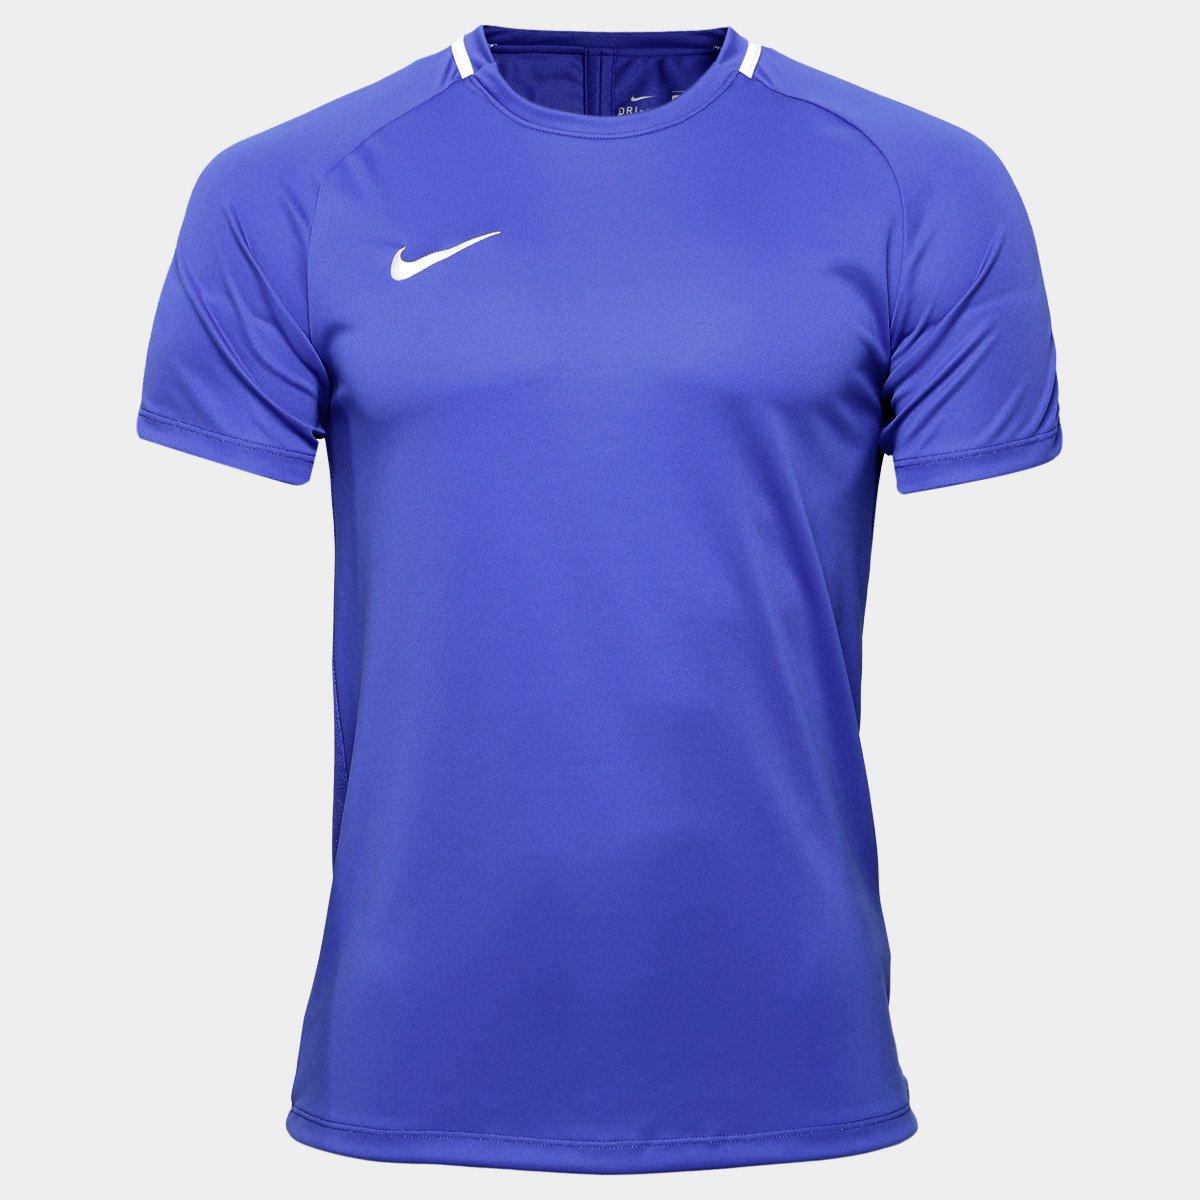 acafbf8da9 Camisa Nike Academy Masculina